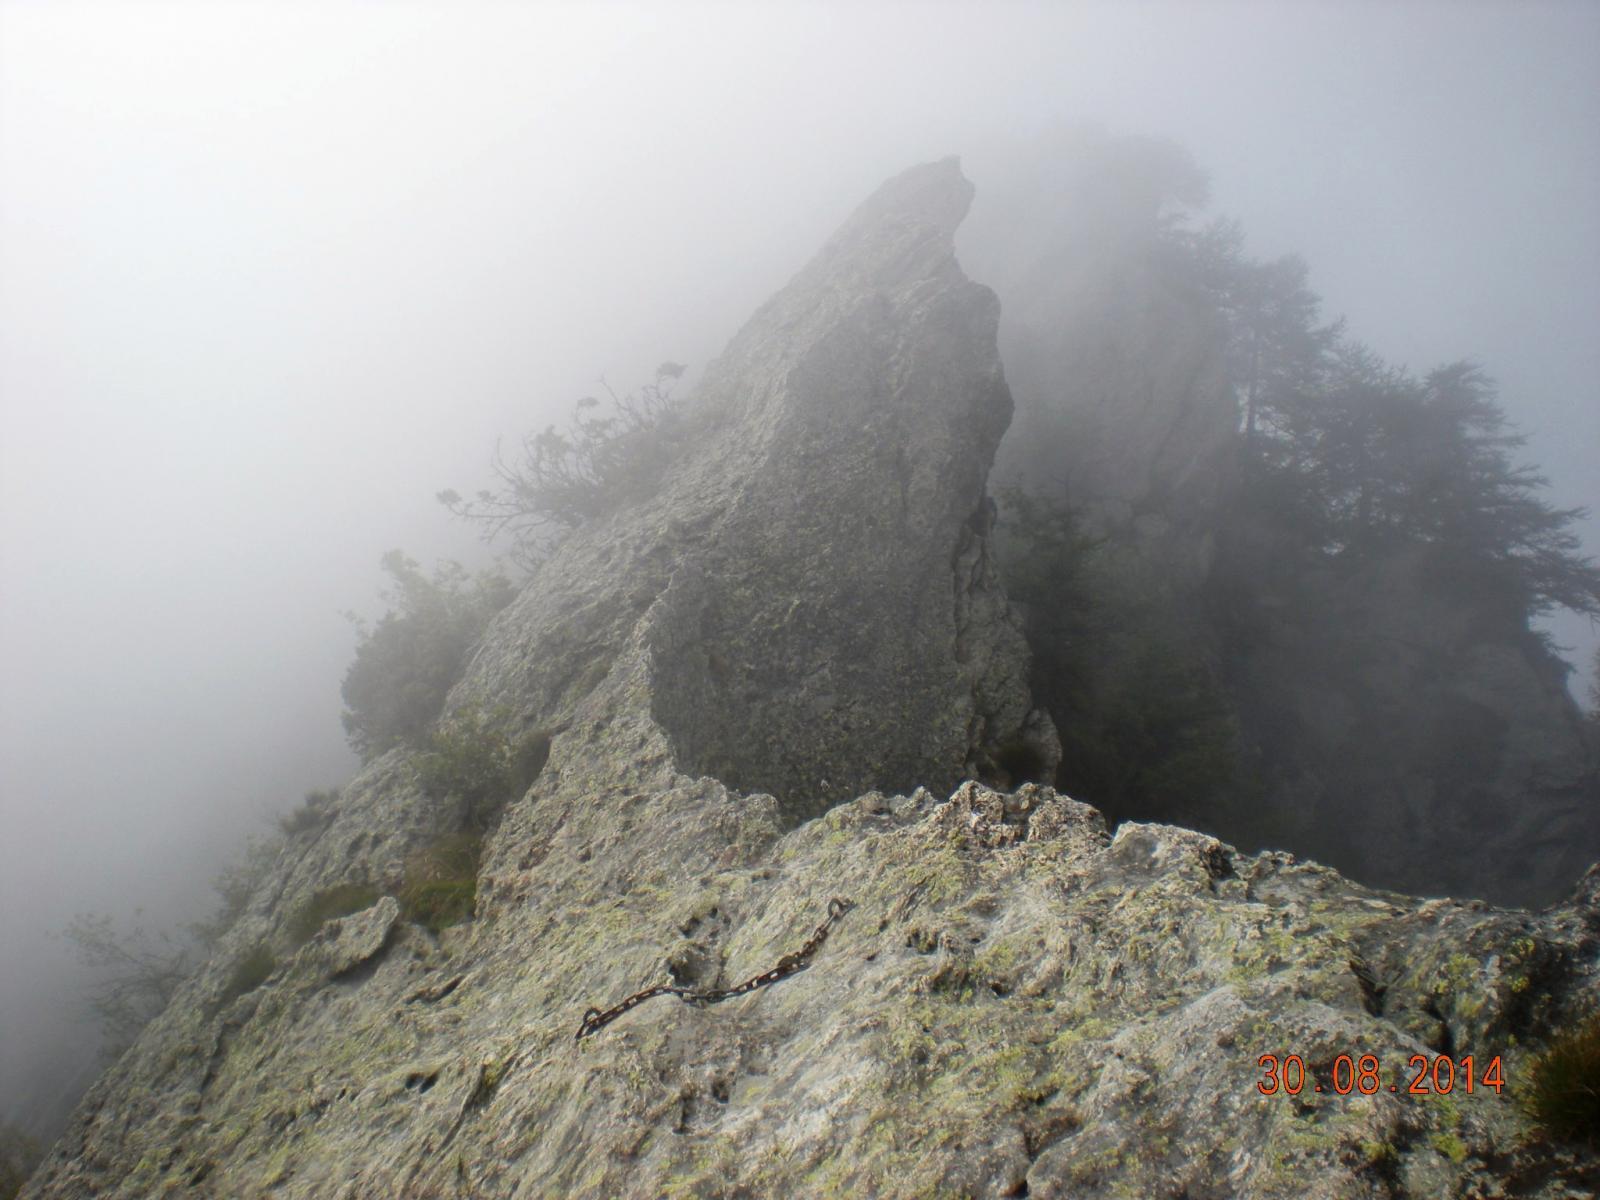 cresta d'arrivo nella nebbia... degna della Terrain d'aventure